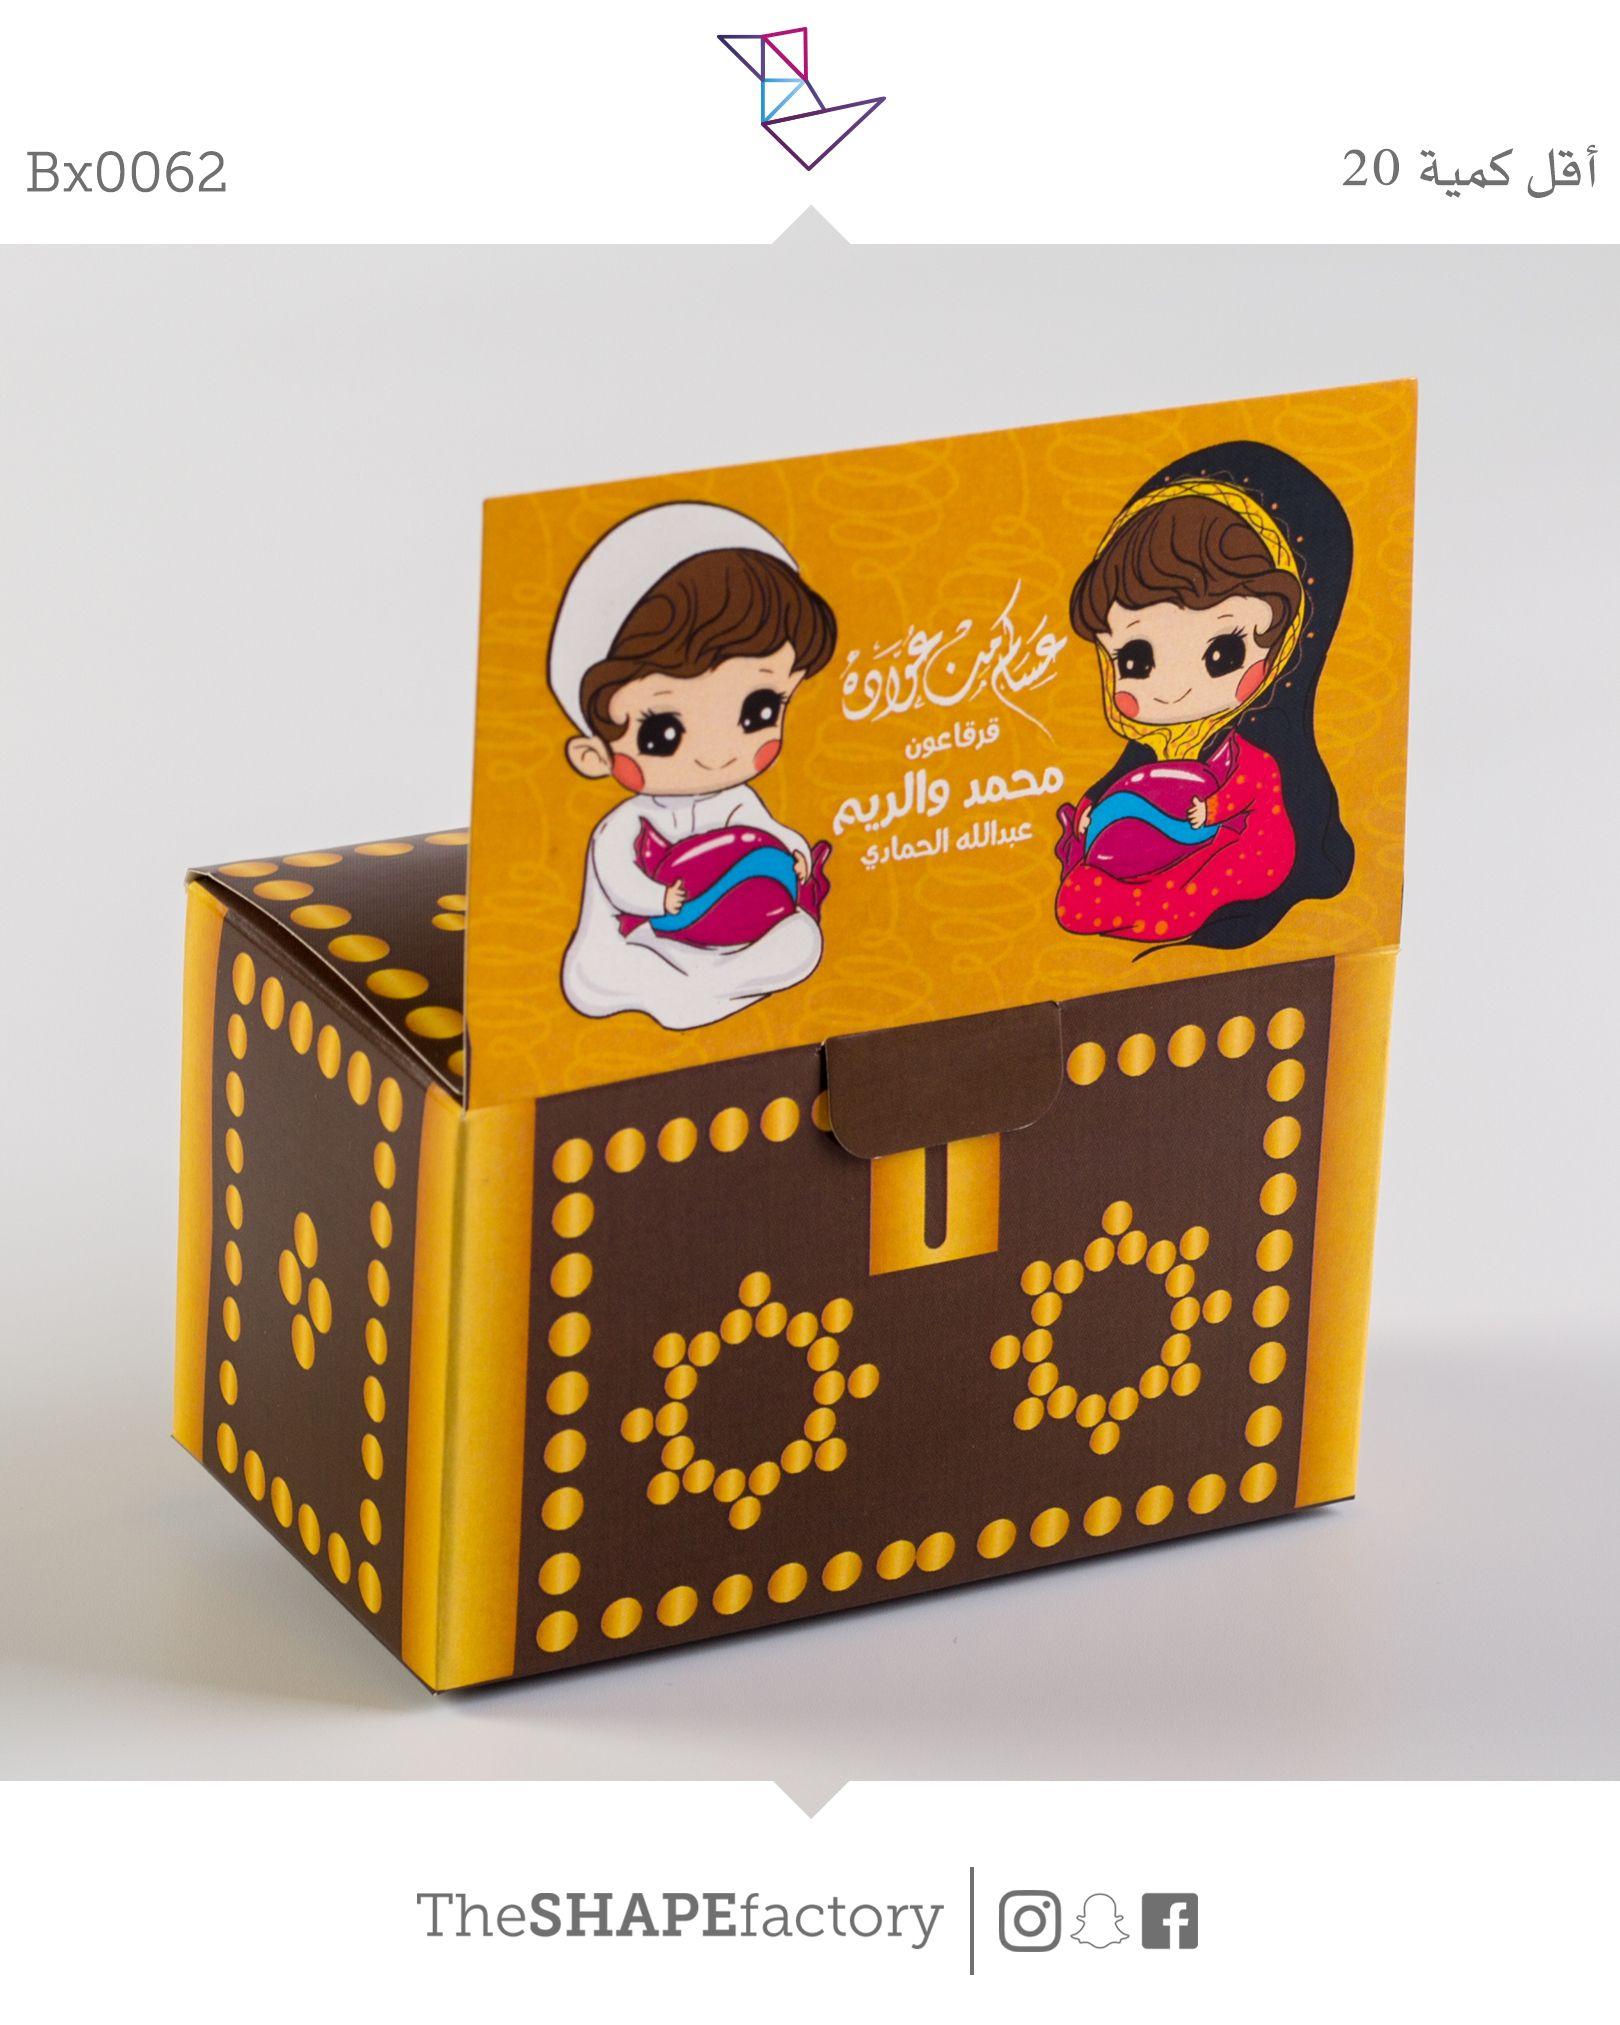 علب توزيعات شهر رمضان بطلب خاص توجد لدينا الكثير من التصاميم والثيمات المناسبة للأطفال بإمكانكم زيارتنا بالمصنع لرؤية المزيد Art Bundle Happy Eid Shapes